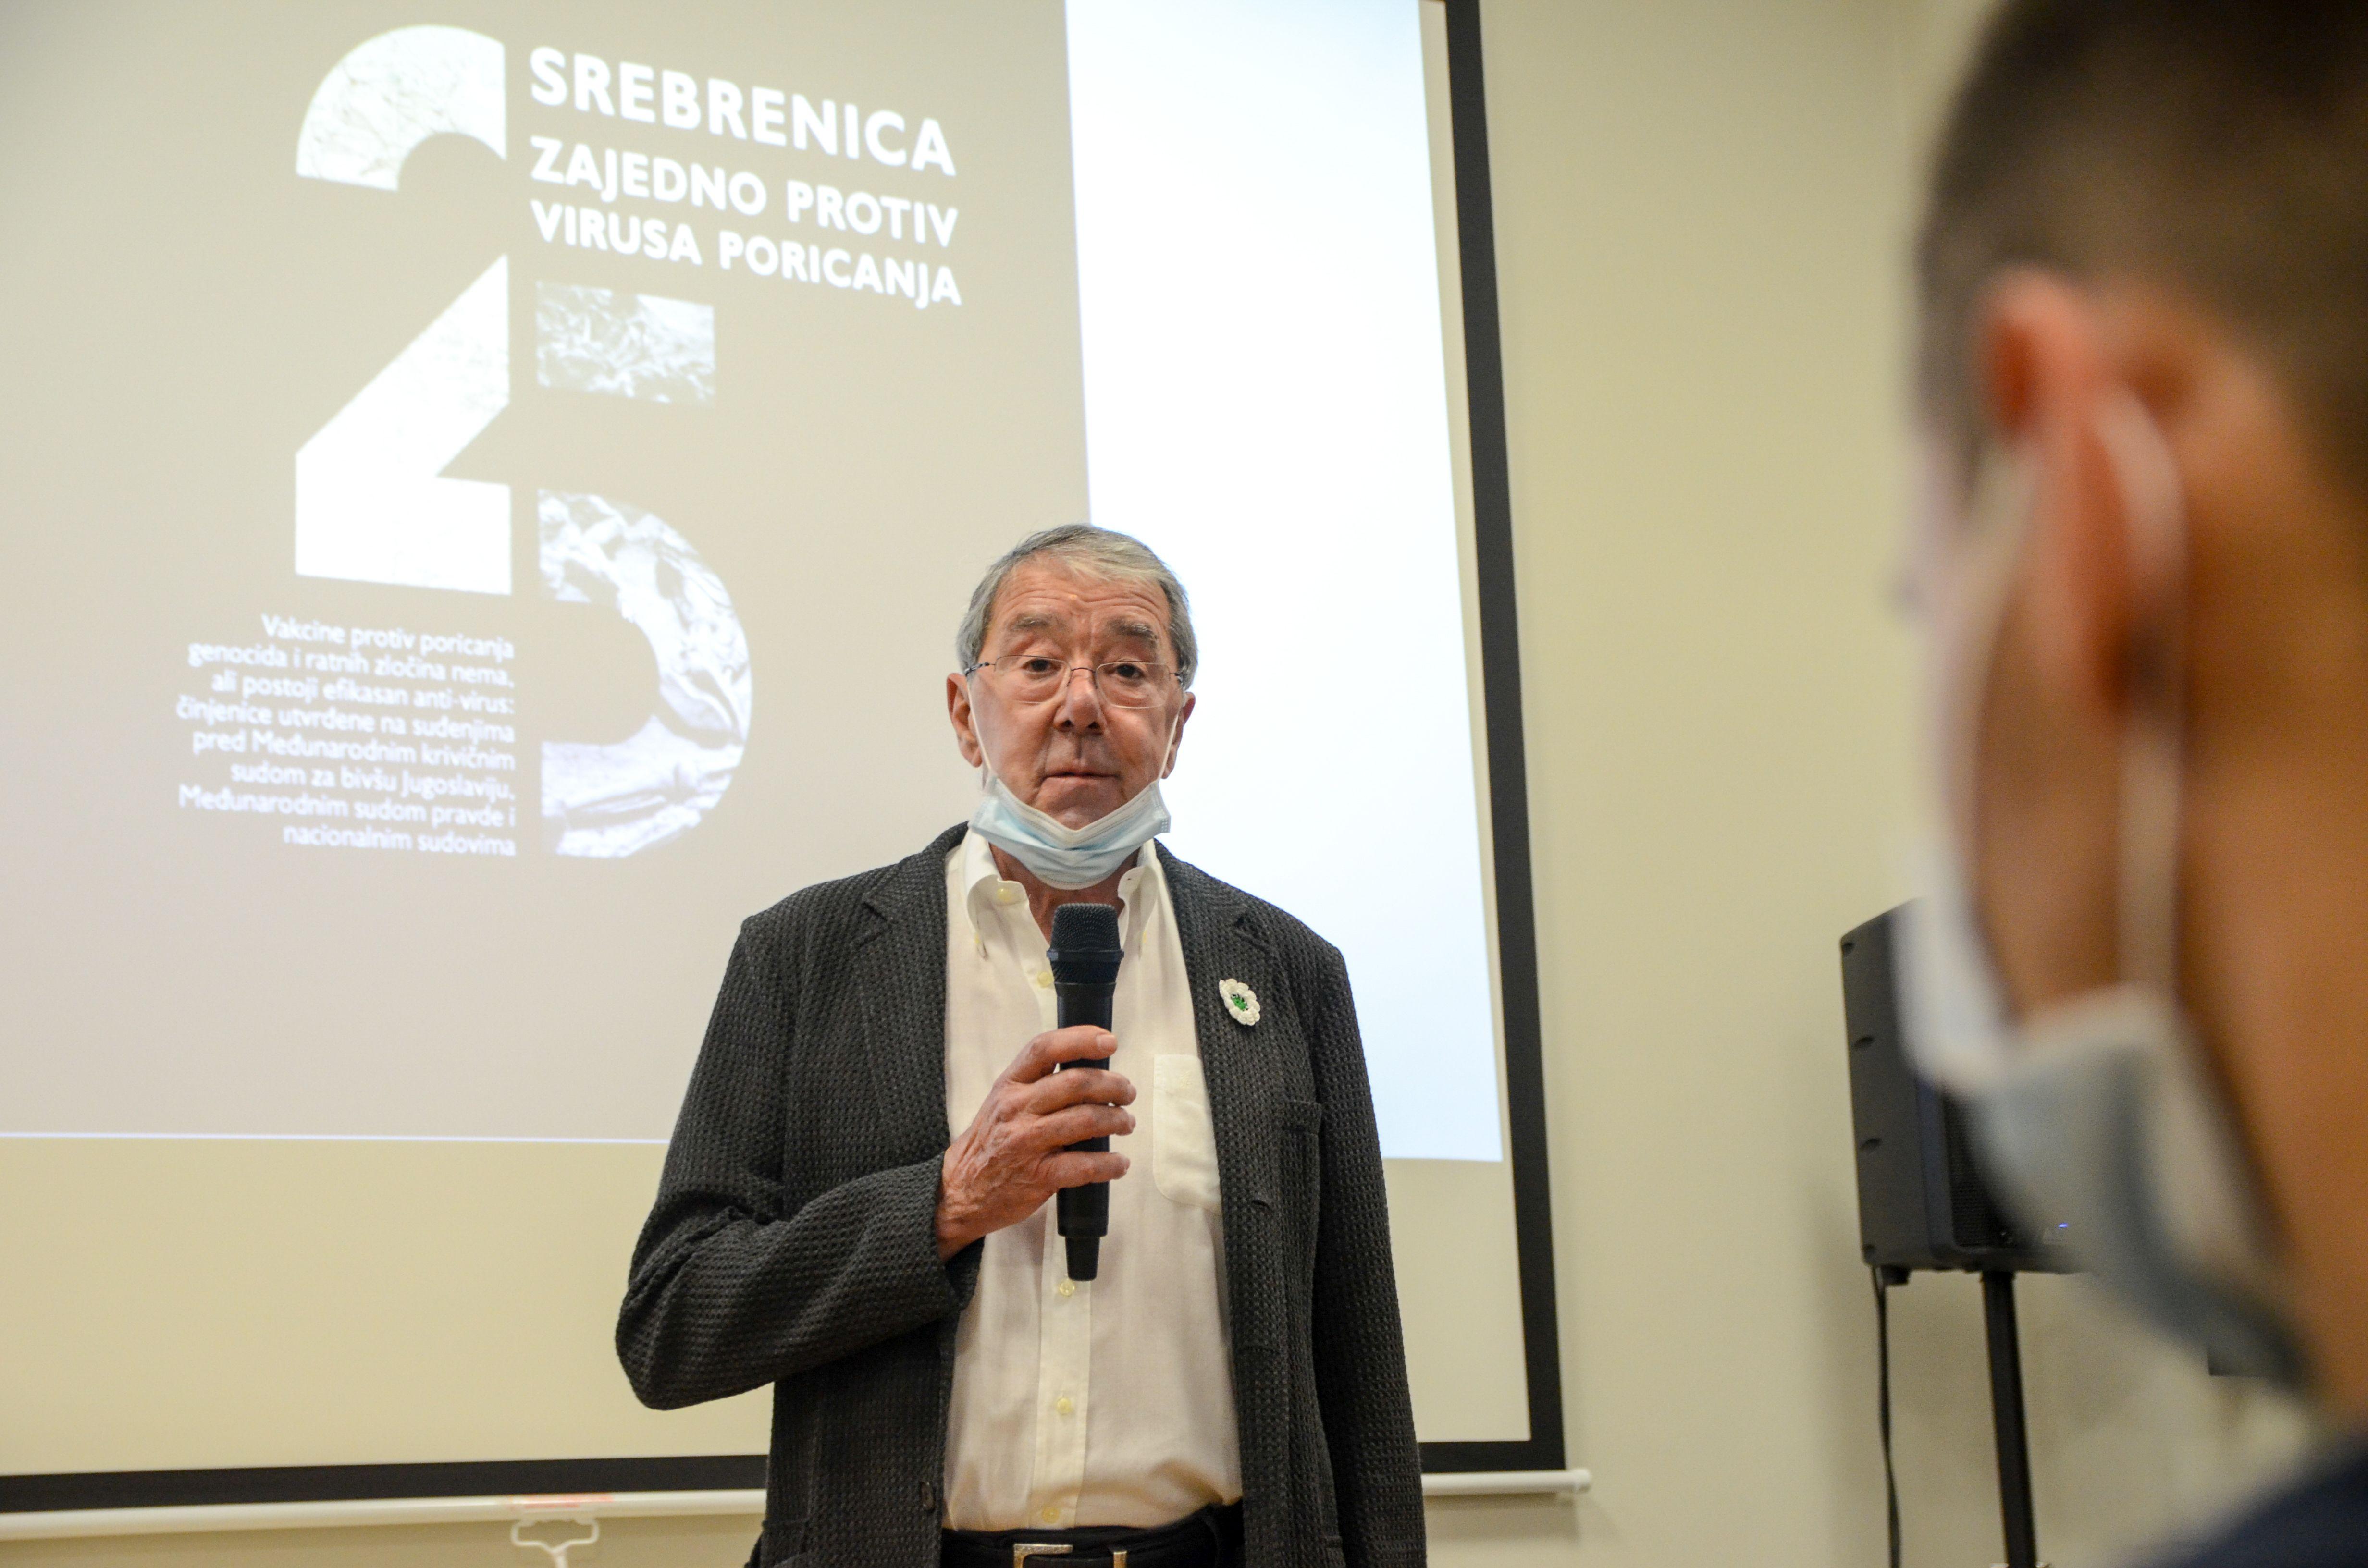 Srebrenica 25 - Zajedno protiv virusa poricanja, Mirko Klarin, Foto - Ajdin Kamber